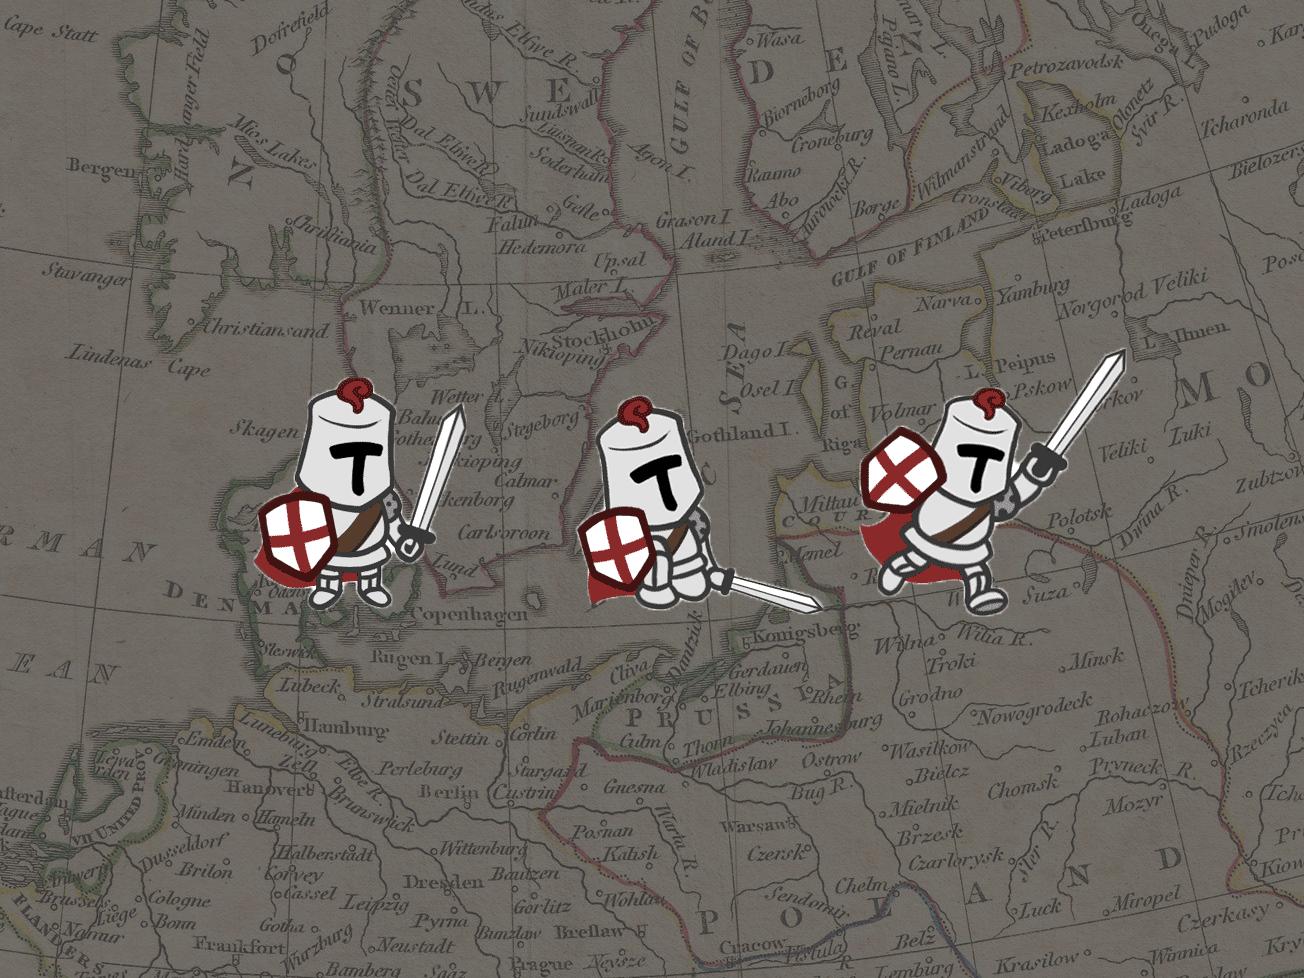 550 років: таємниця занепаду Тевтонського ордену